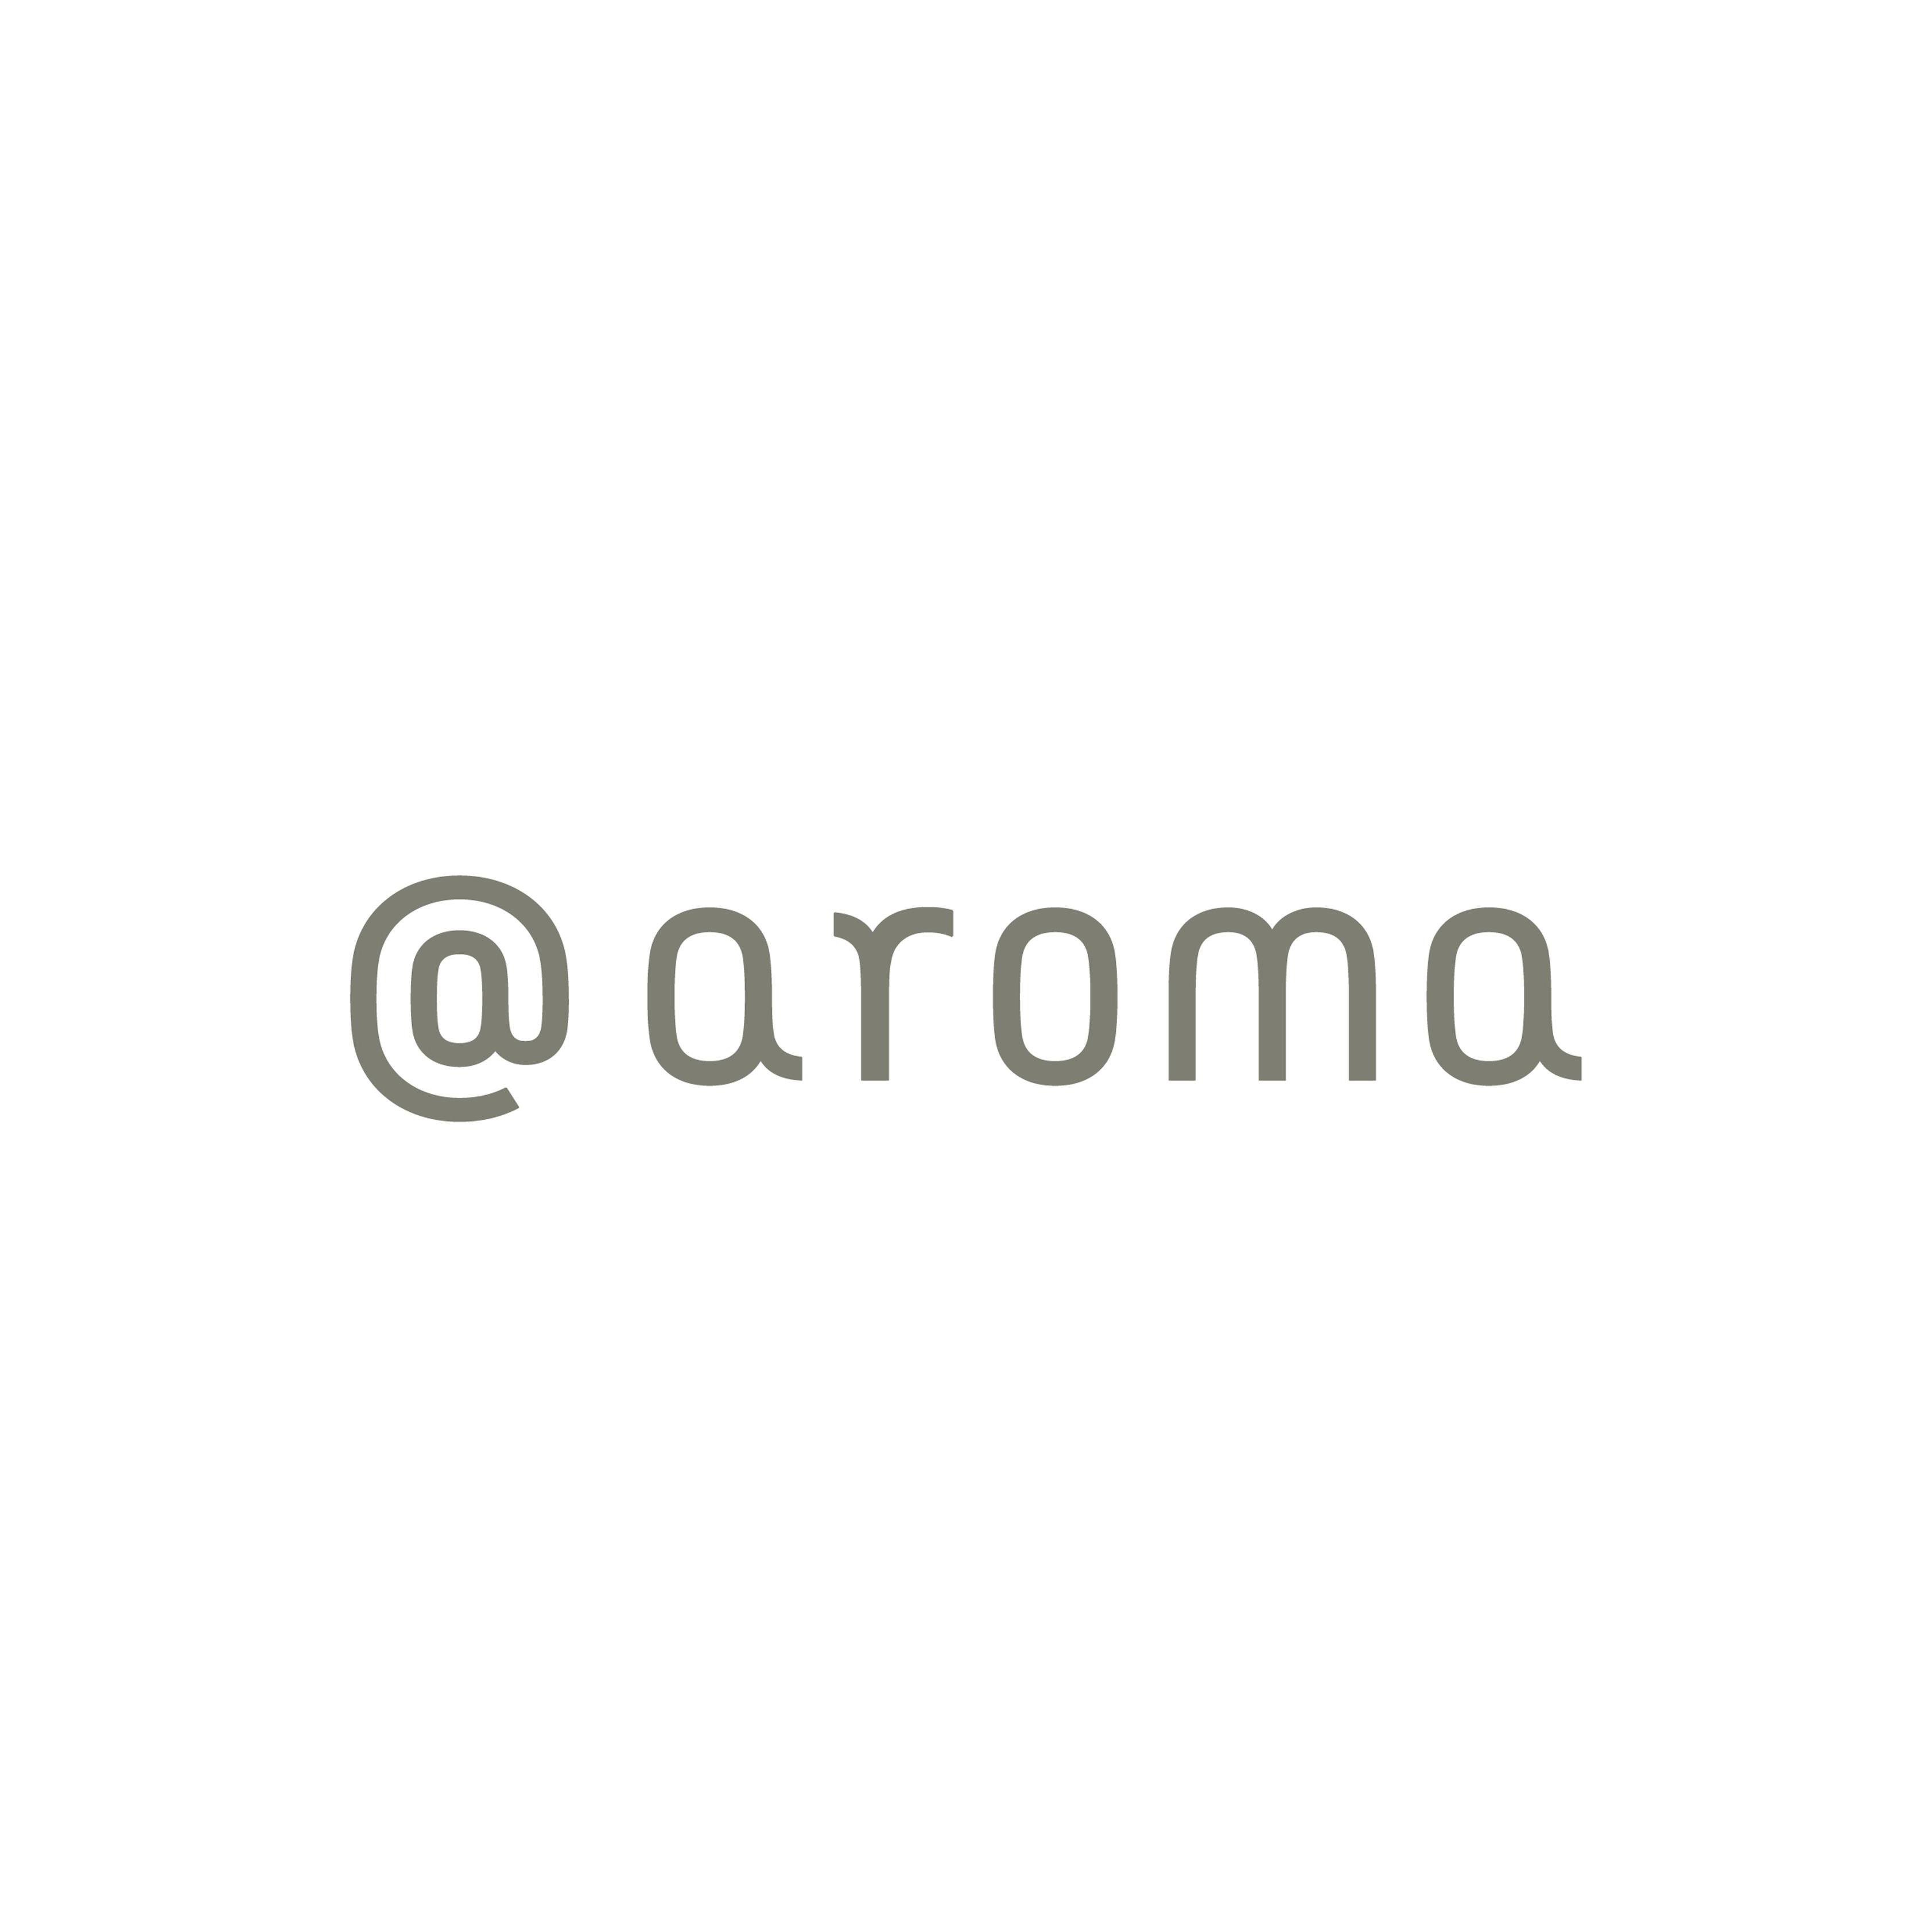 アットアロマのロゴ画像